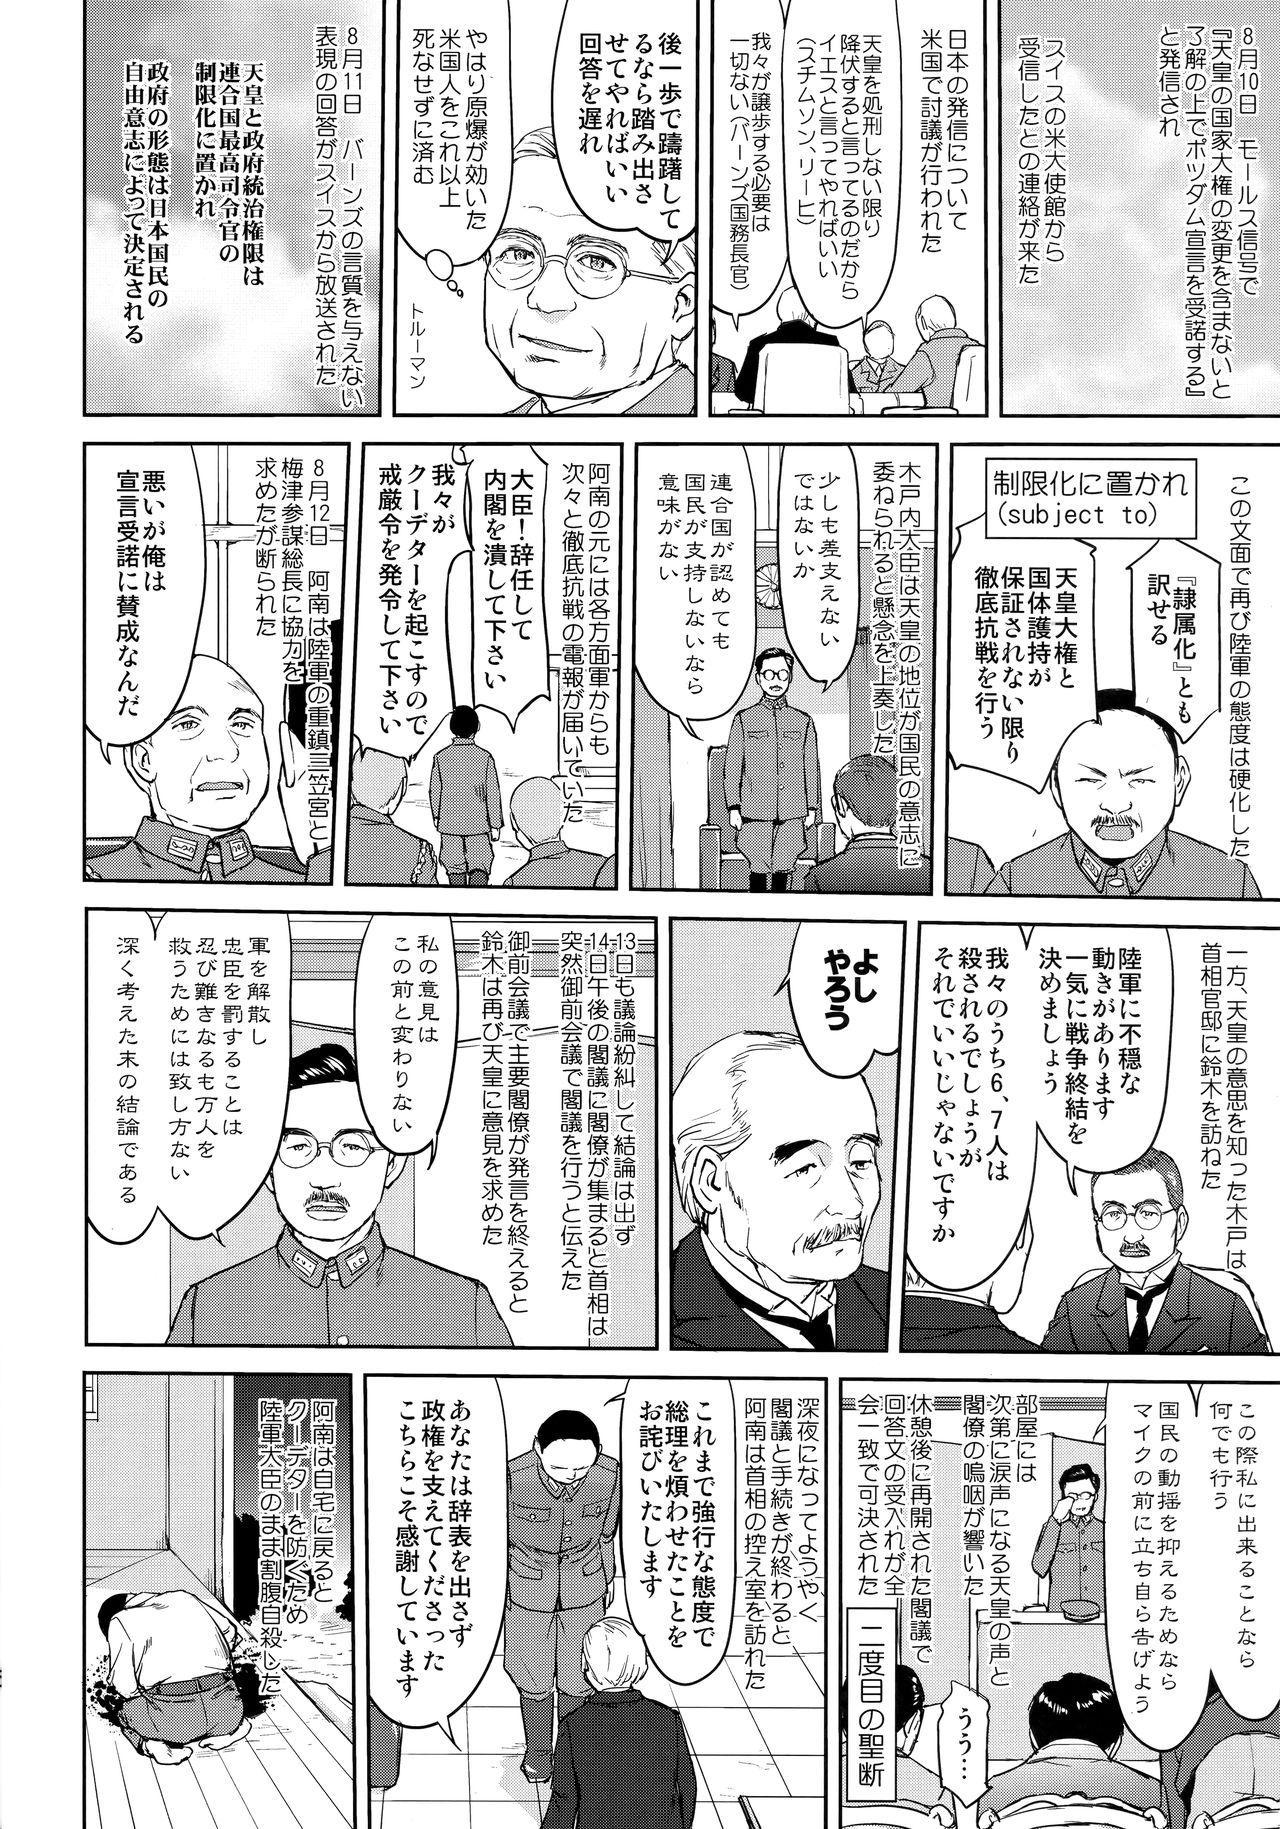 Teitoku no Ketsudan Kanmusu no Ichiban Nagai Hi 48